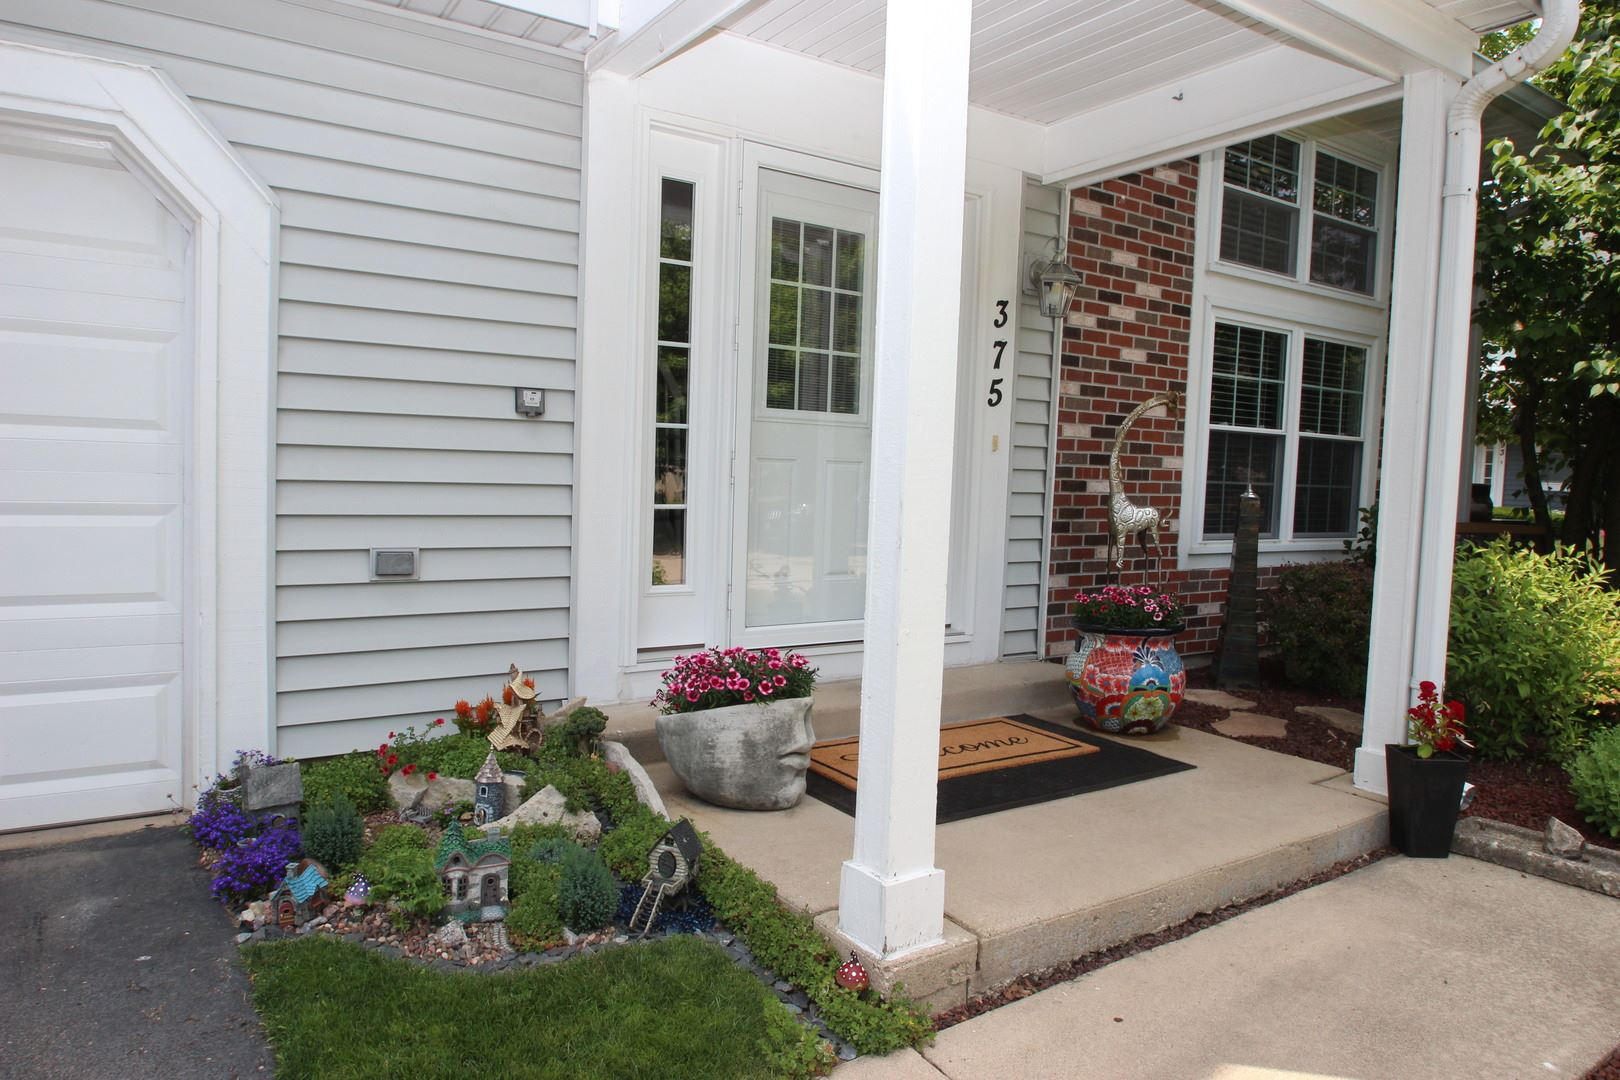 Photo of 375 Dupage Drive, Bolingbrook, IL 60440 (MLS # 10943264)